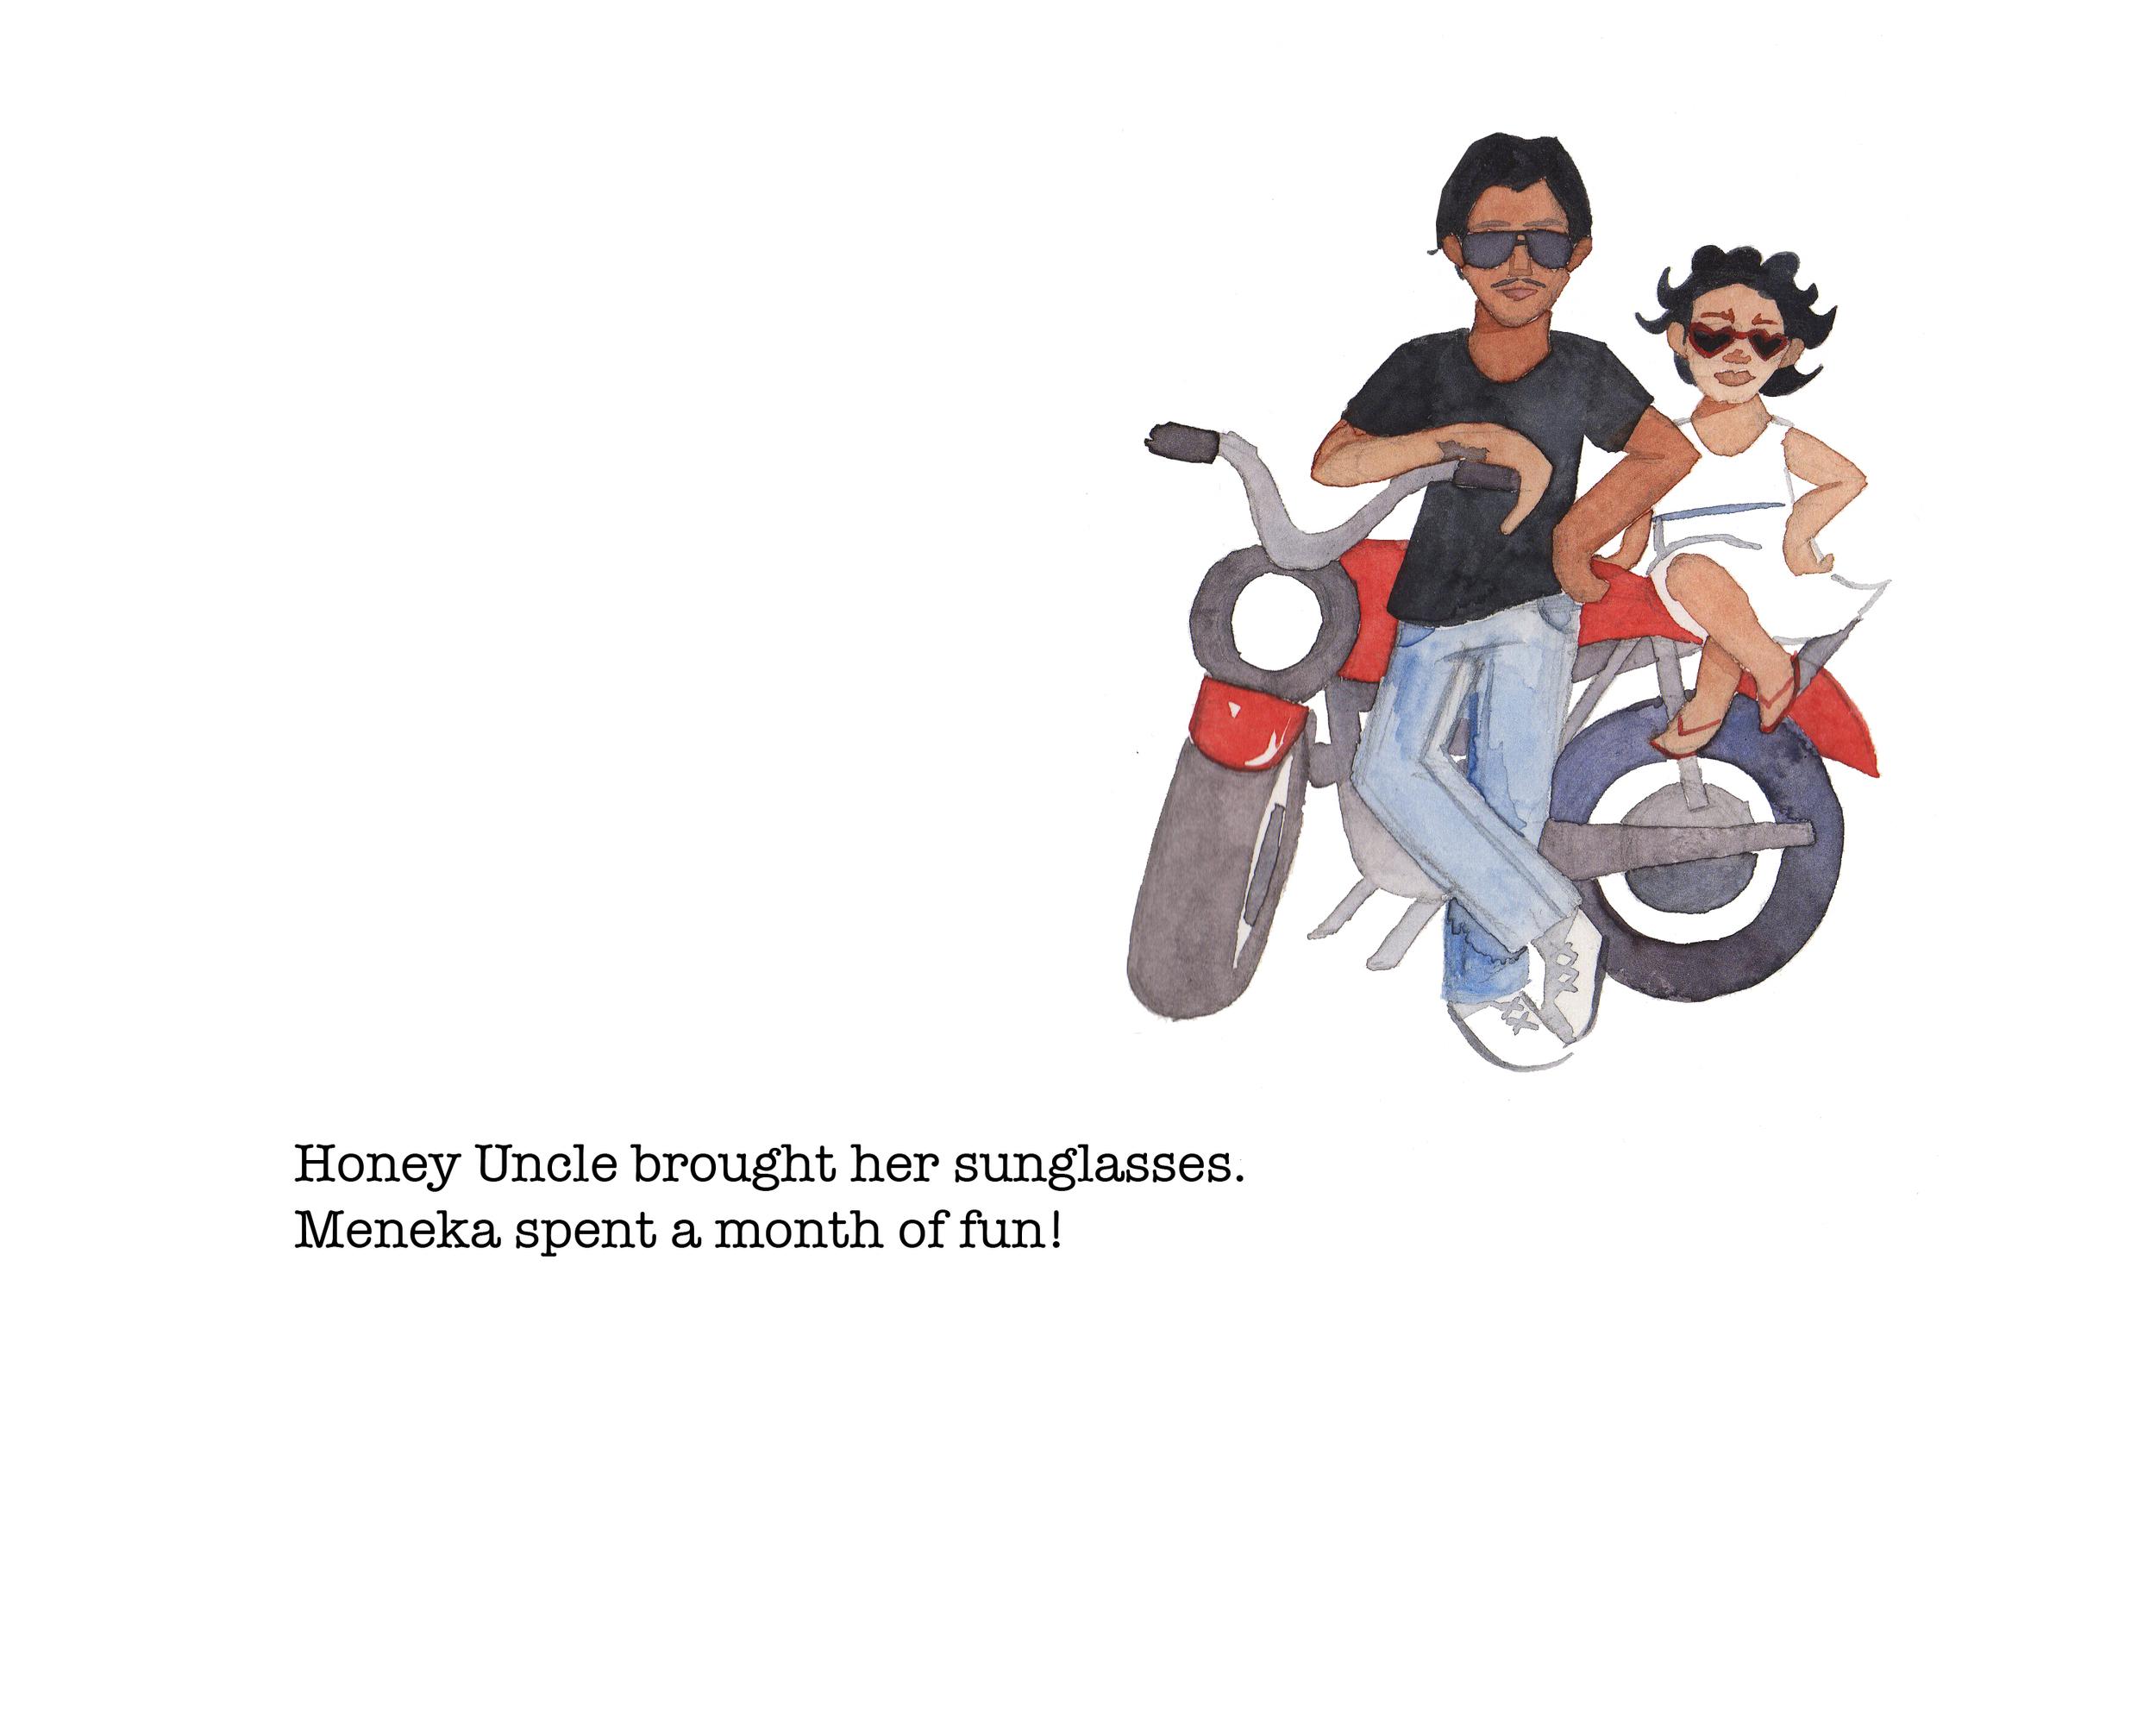 honeymama-tricycle.jpg